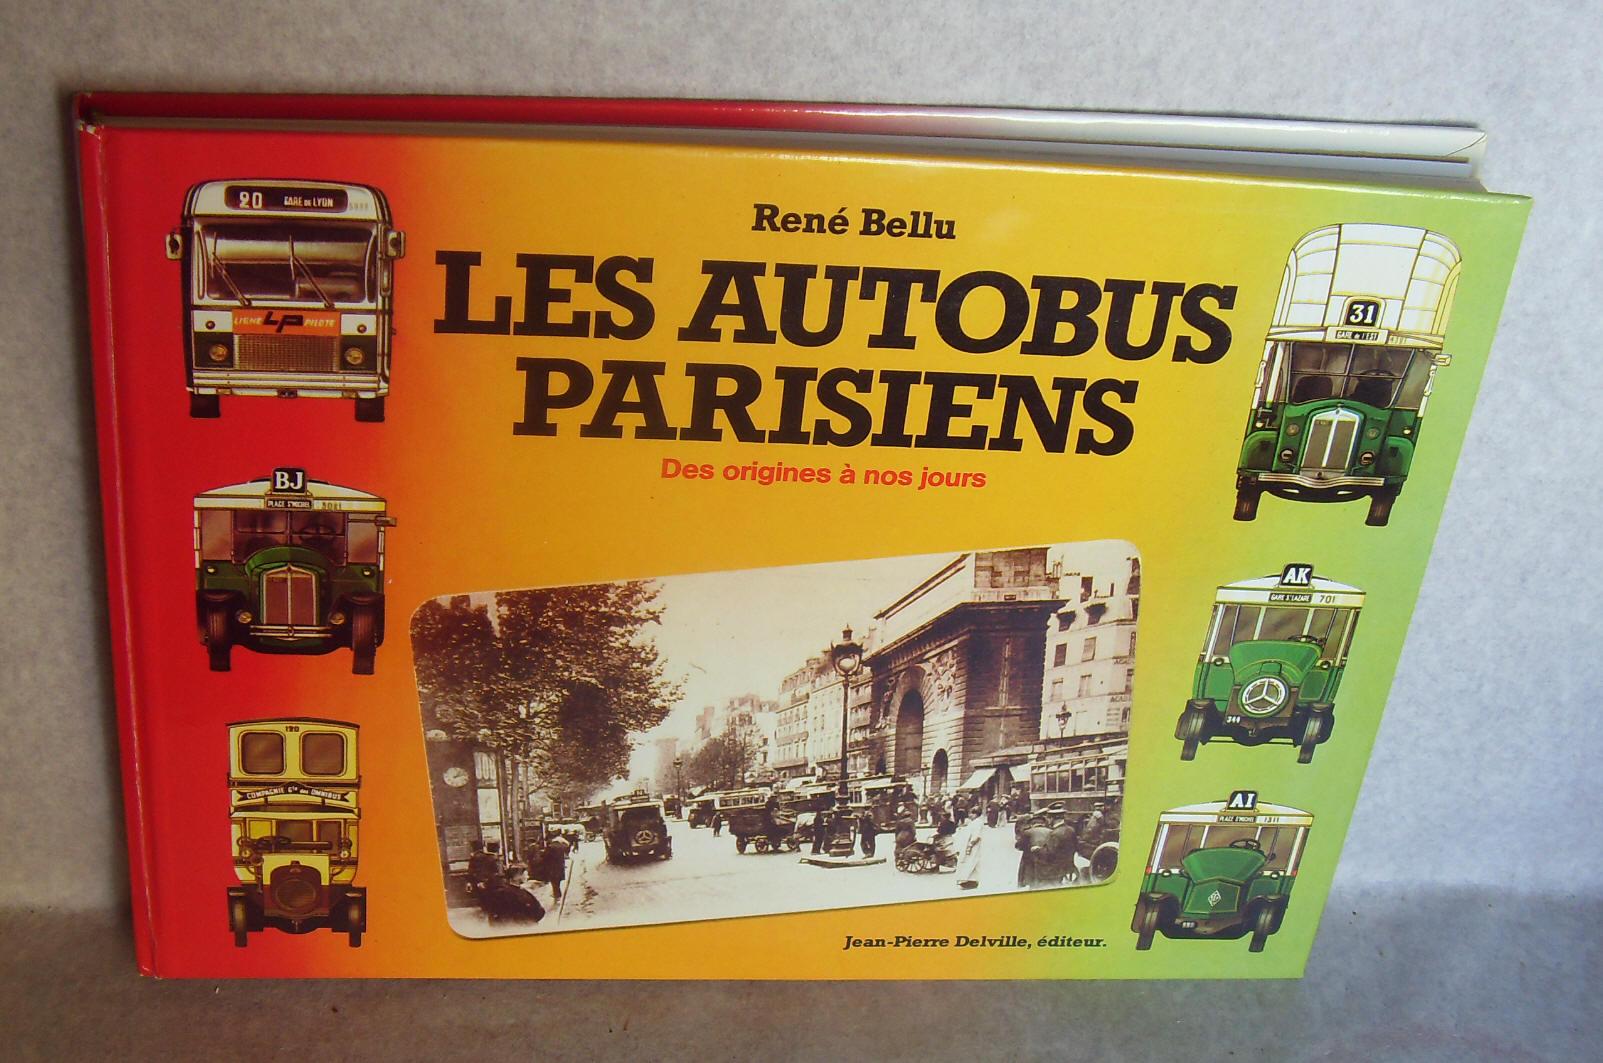 Les autobus parisiens des origines 1980 par ren bellu 1979 top illustratio - Point relais luxembourg ...